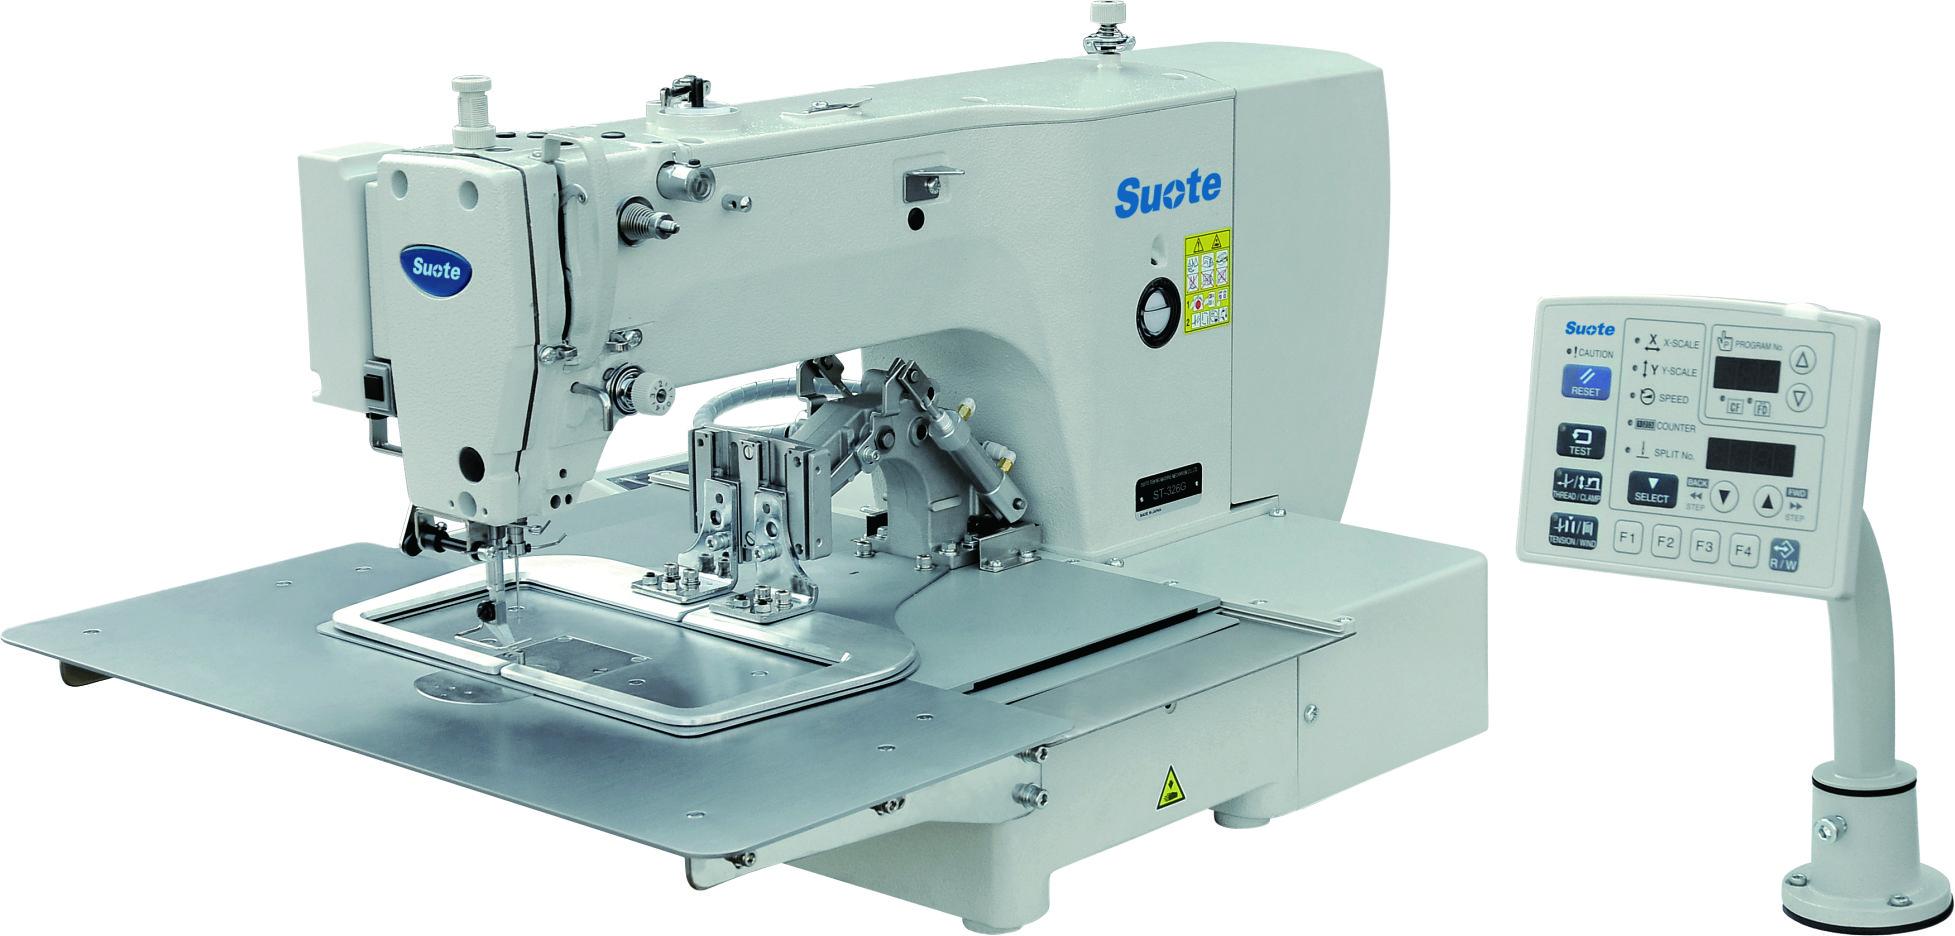 Wie wähle ich eine industrielle Nähmaschine?